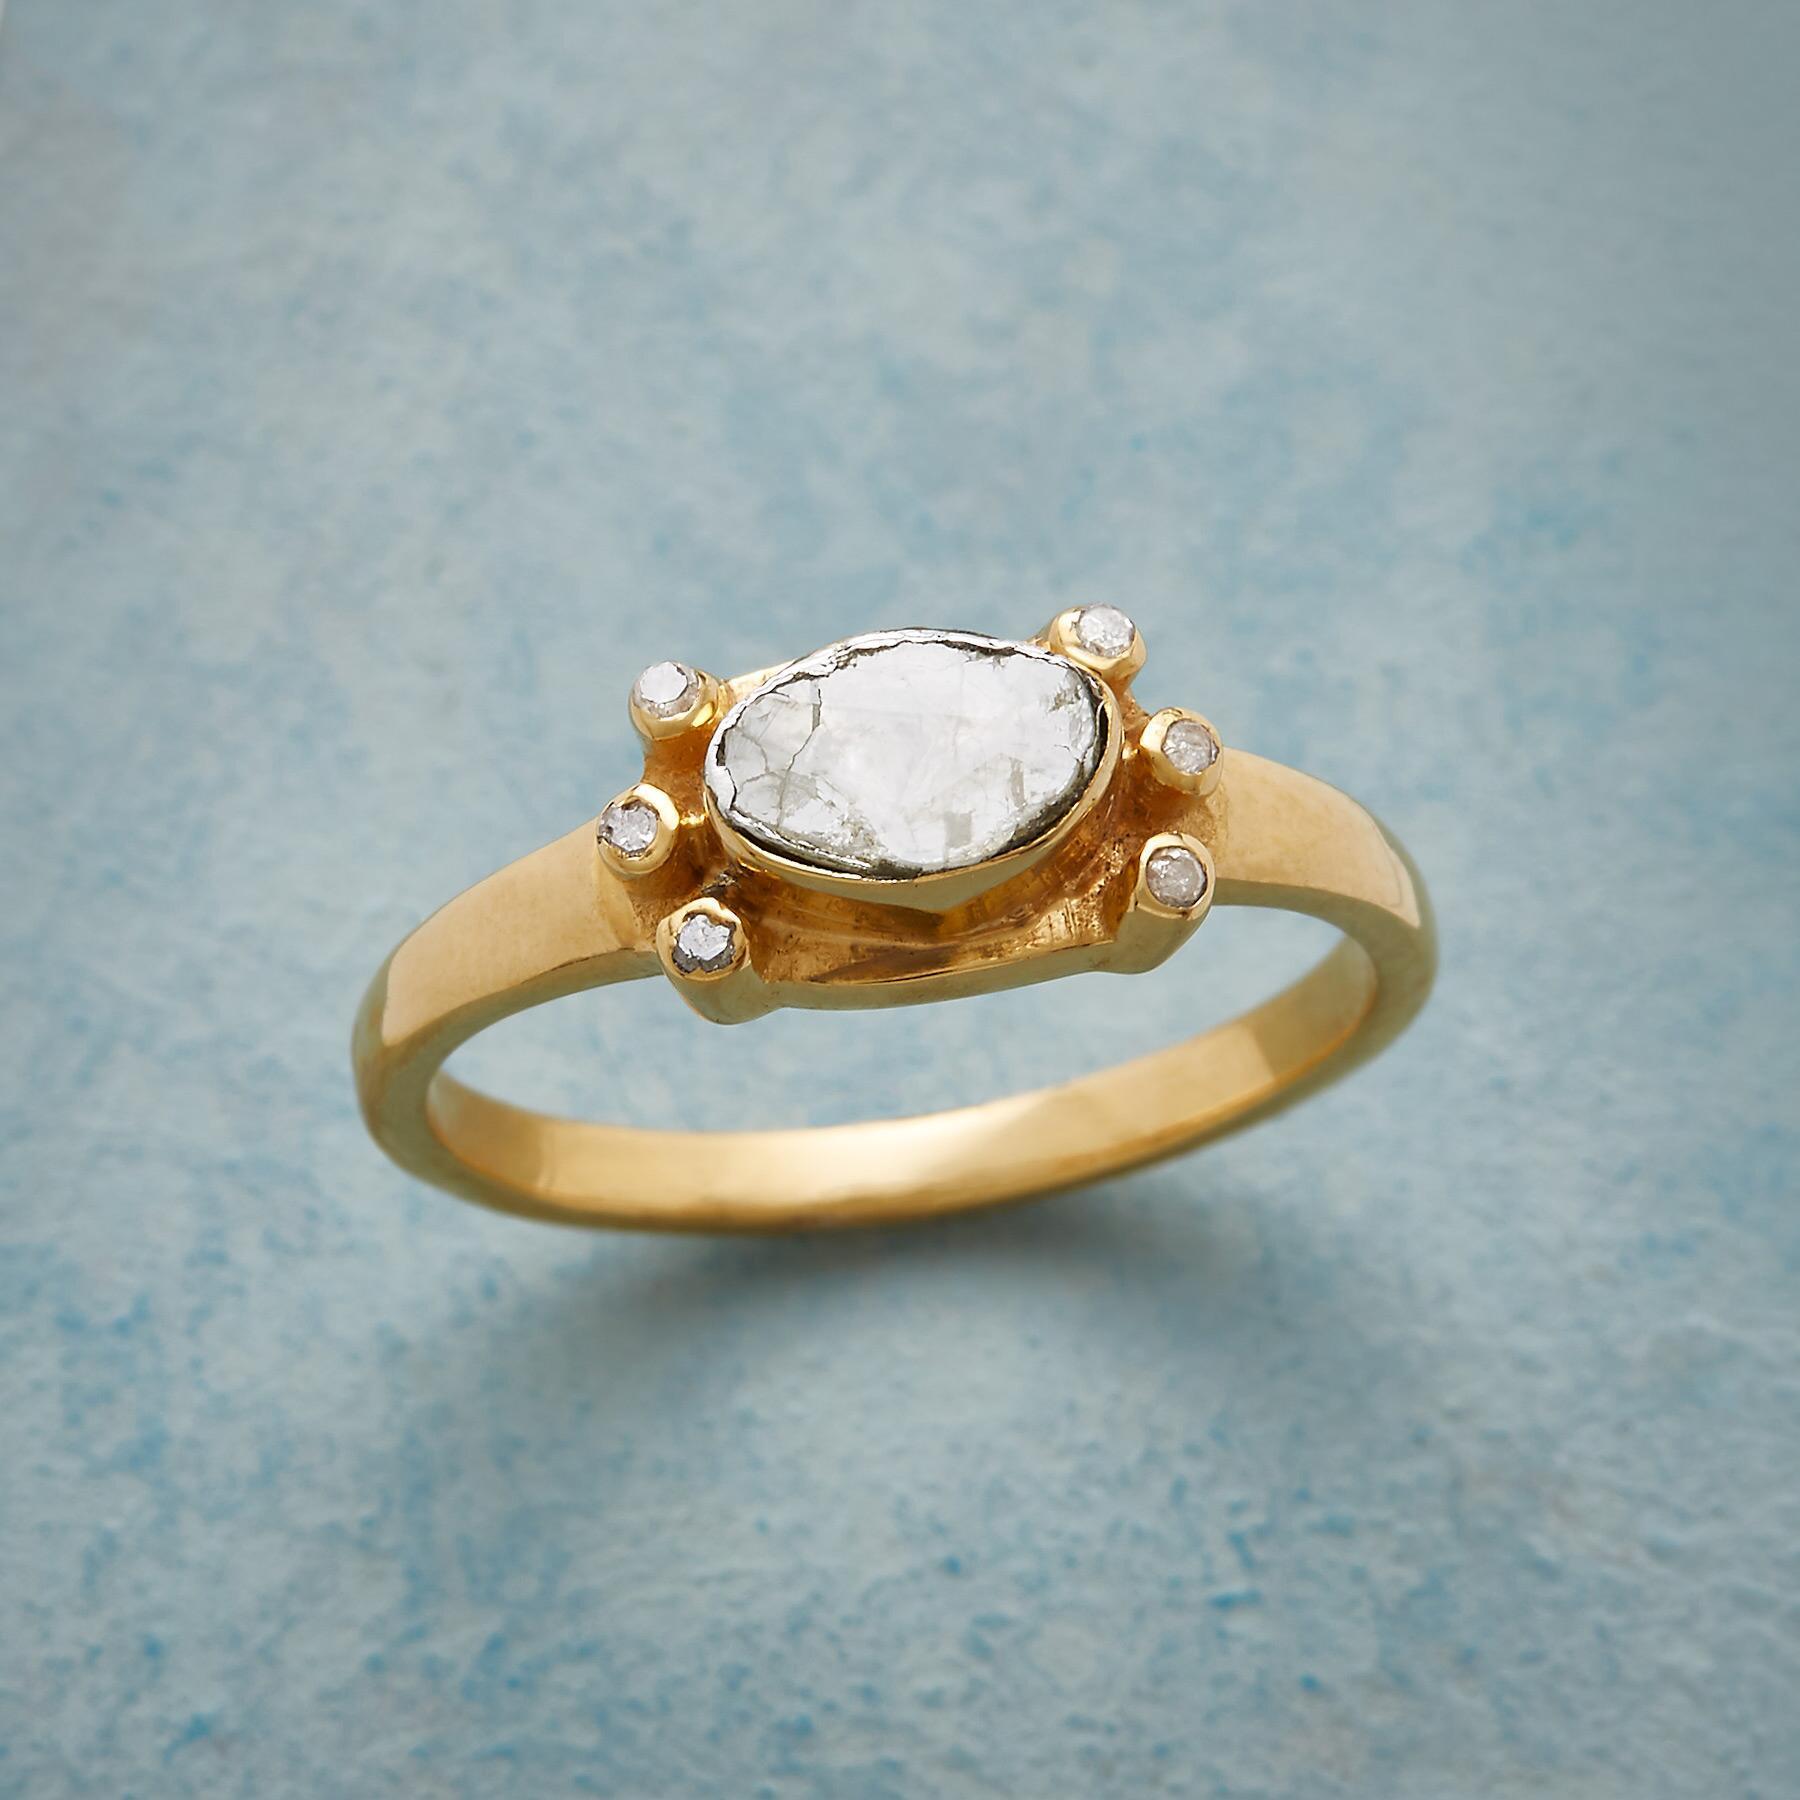 DEBUT DIAMOND RING: View 1